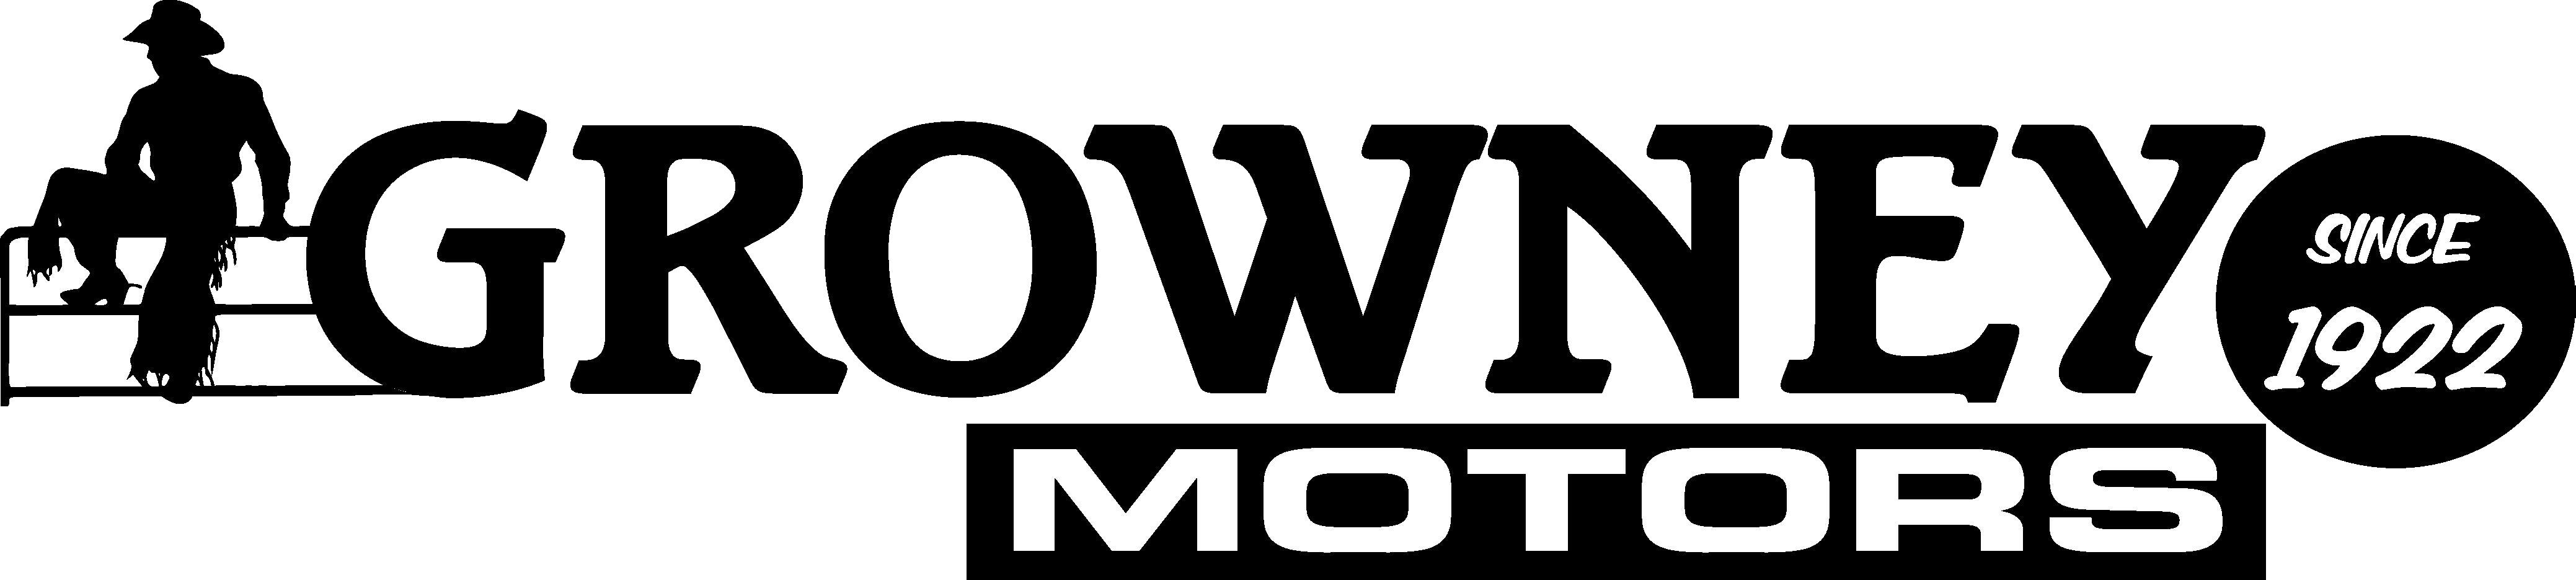 Growney Motors